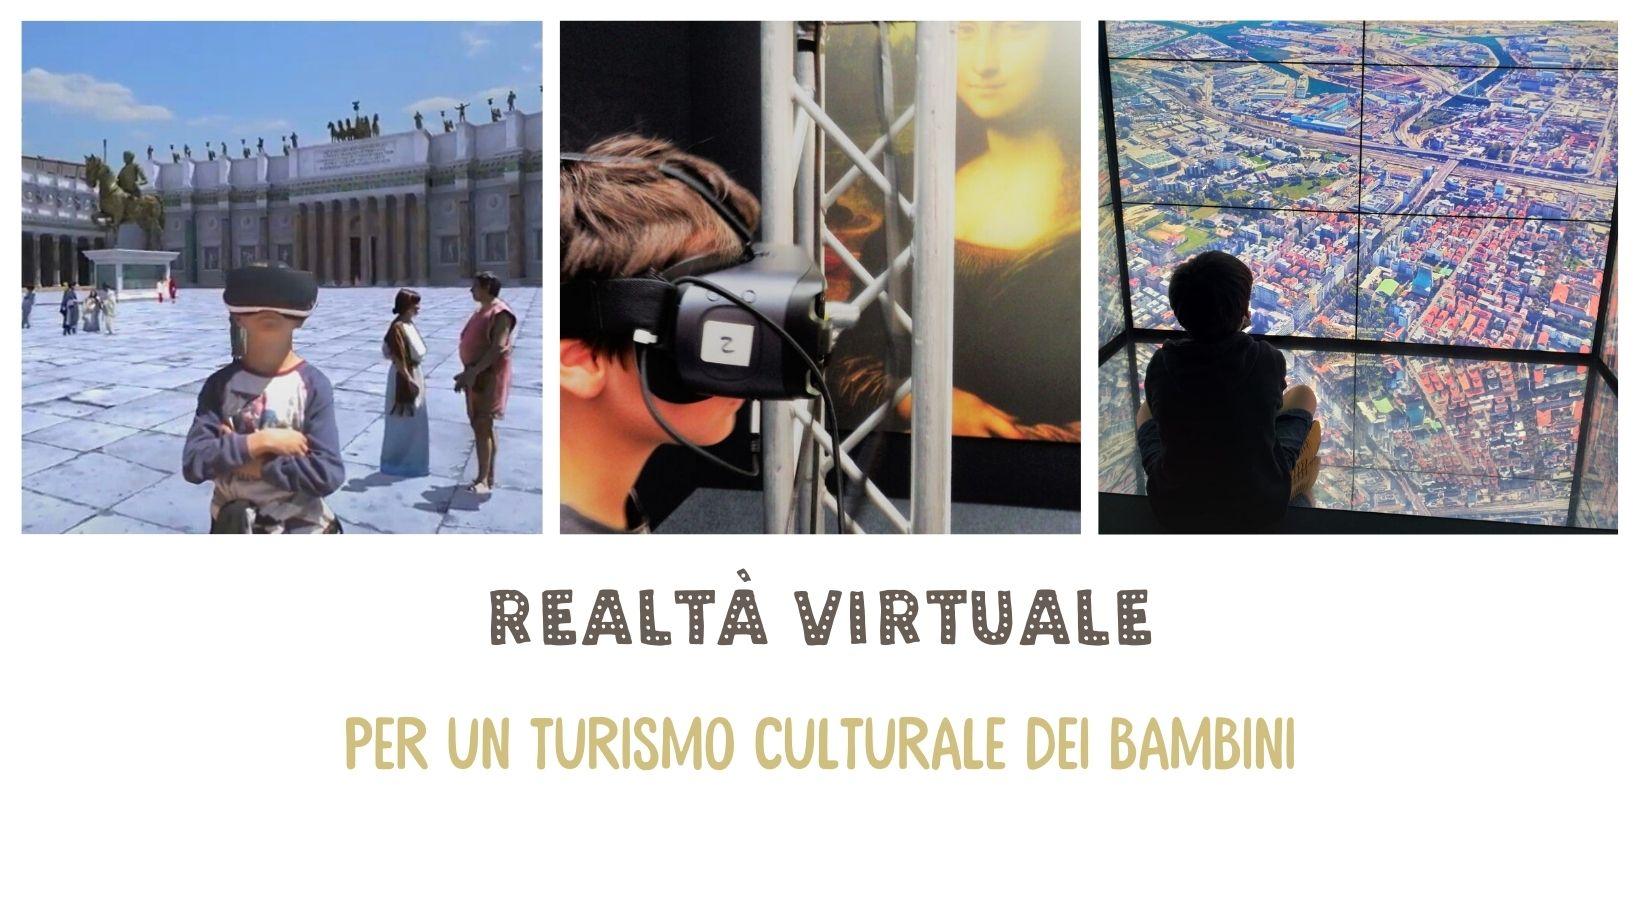 Realtà virtuale per un turismo culturale bambini (1)